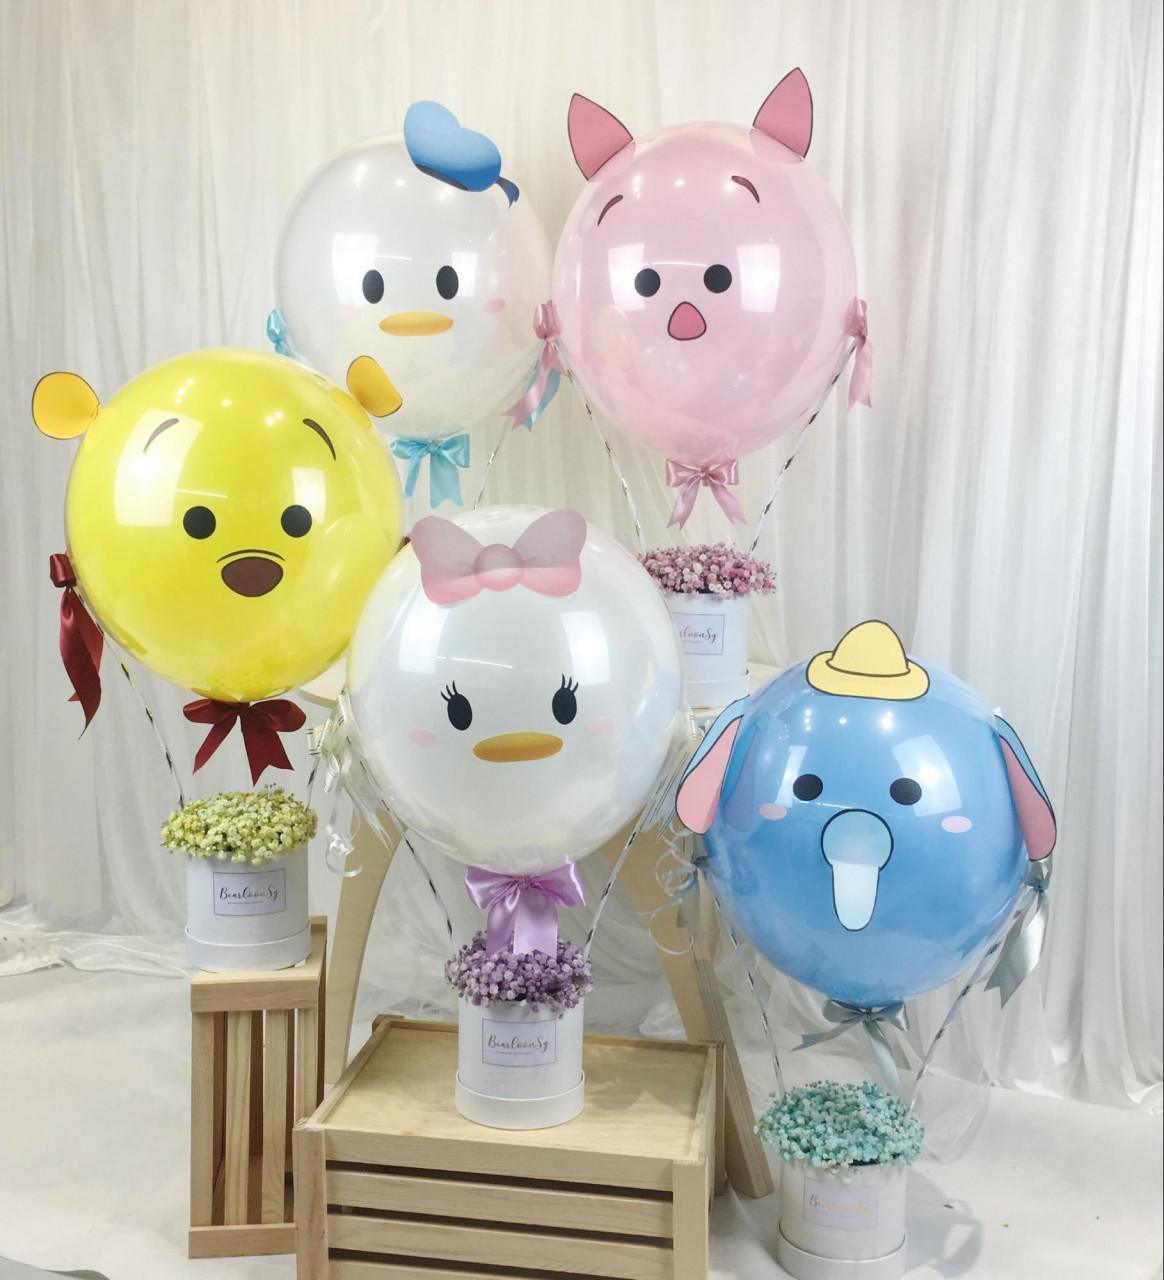 Bearloon cartoon balloons